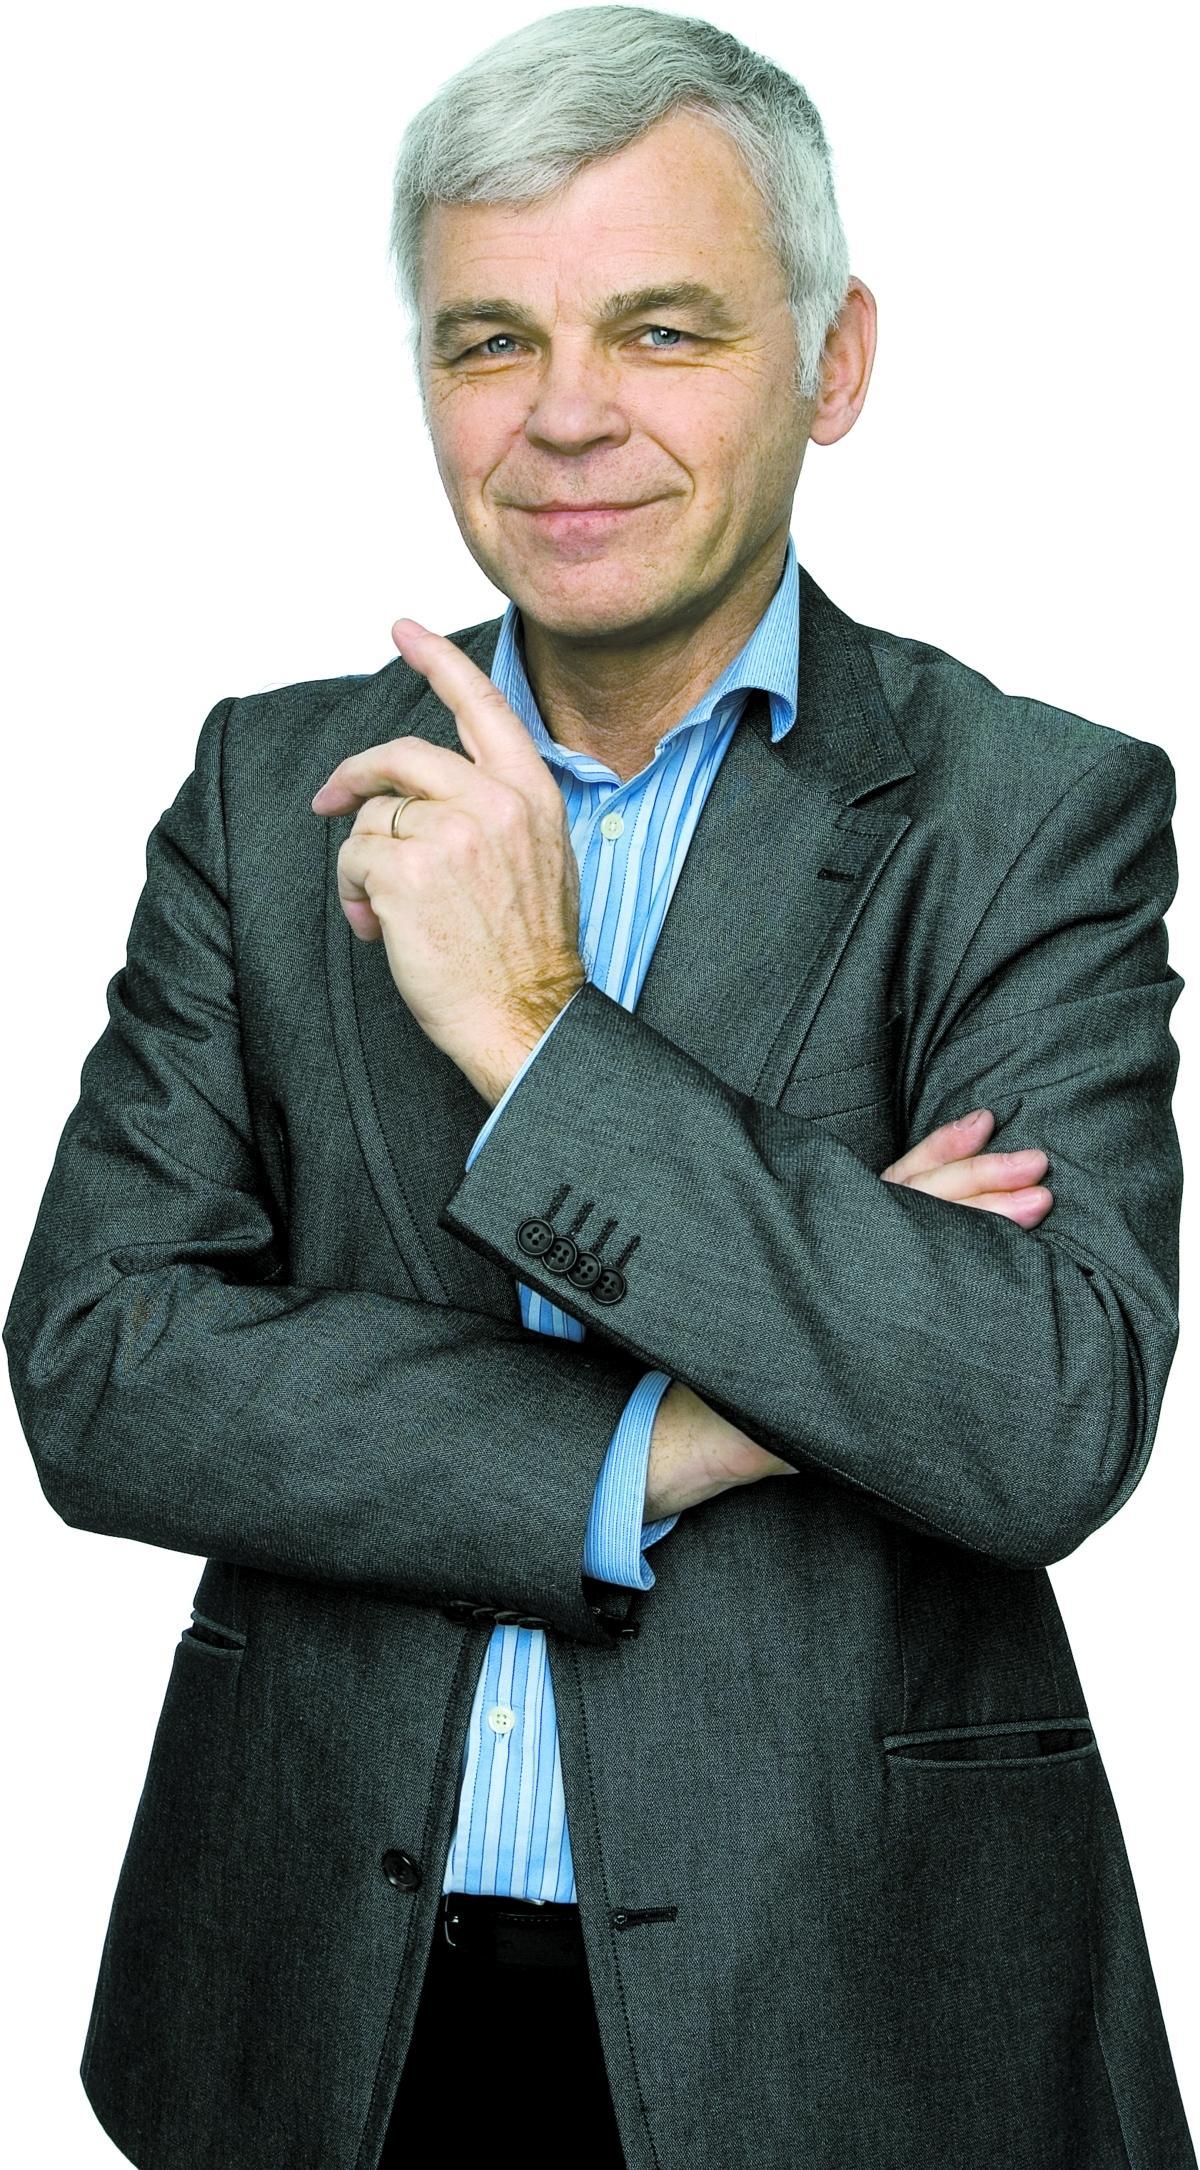 Anders Andersson är chefredaktör för Driva Eget, www.driva-eget.se